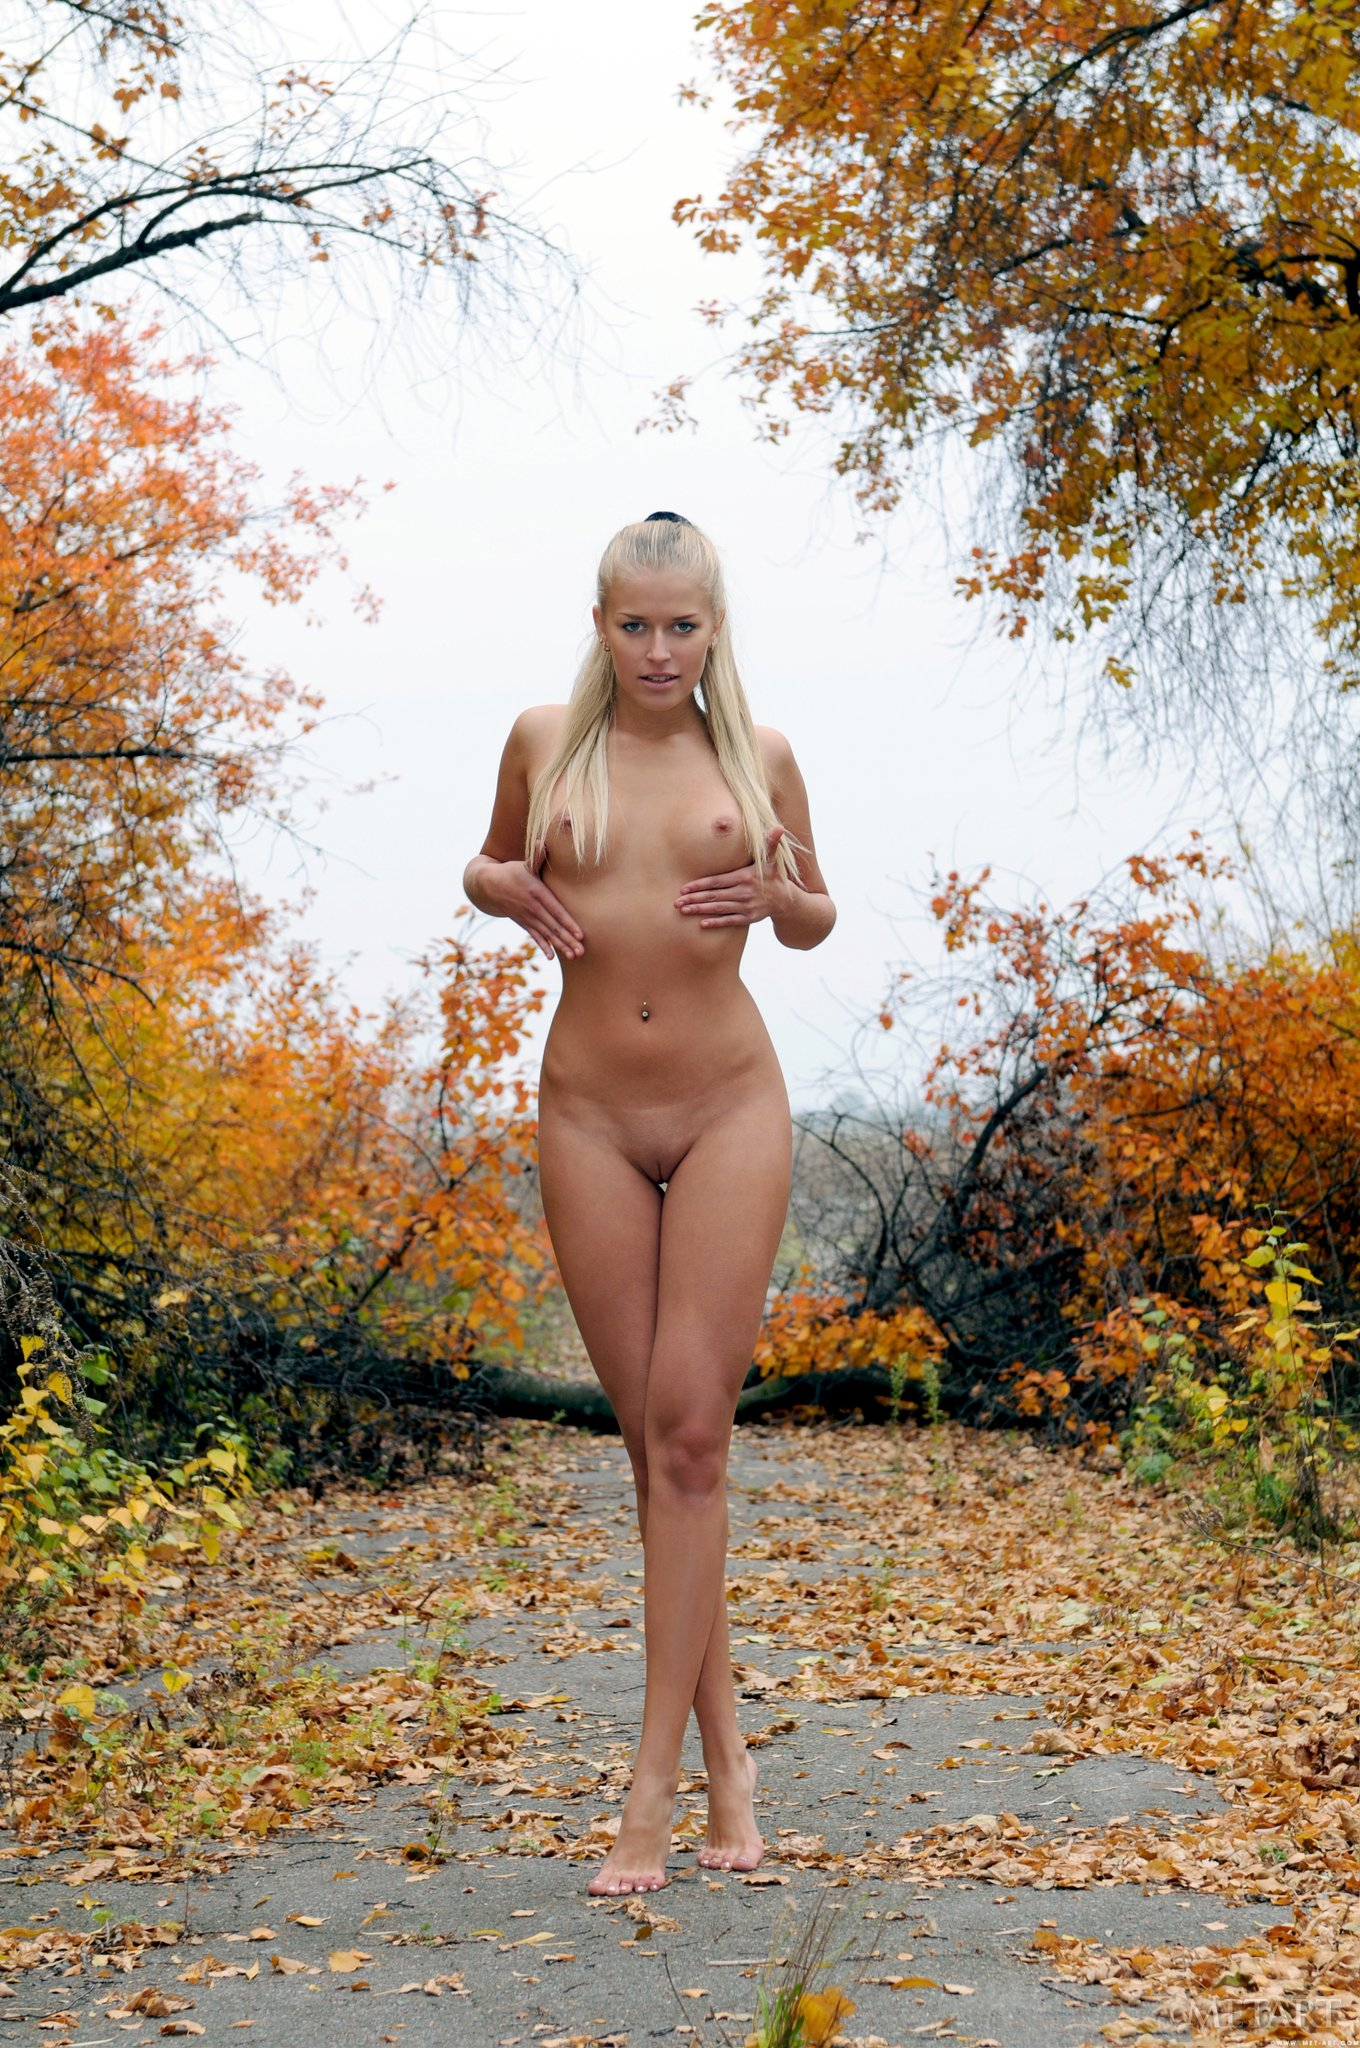 Красивые девушки на улице голые